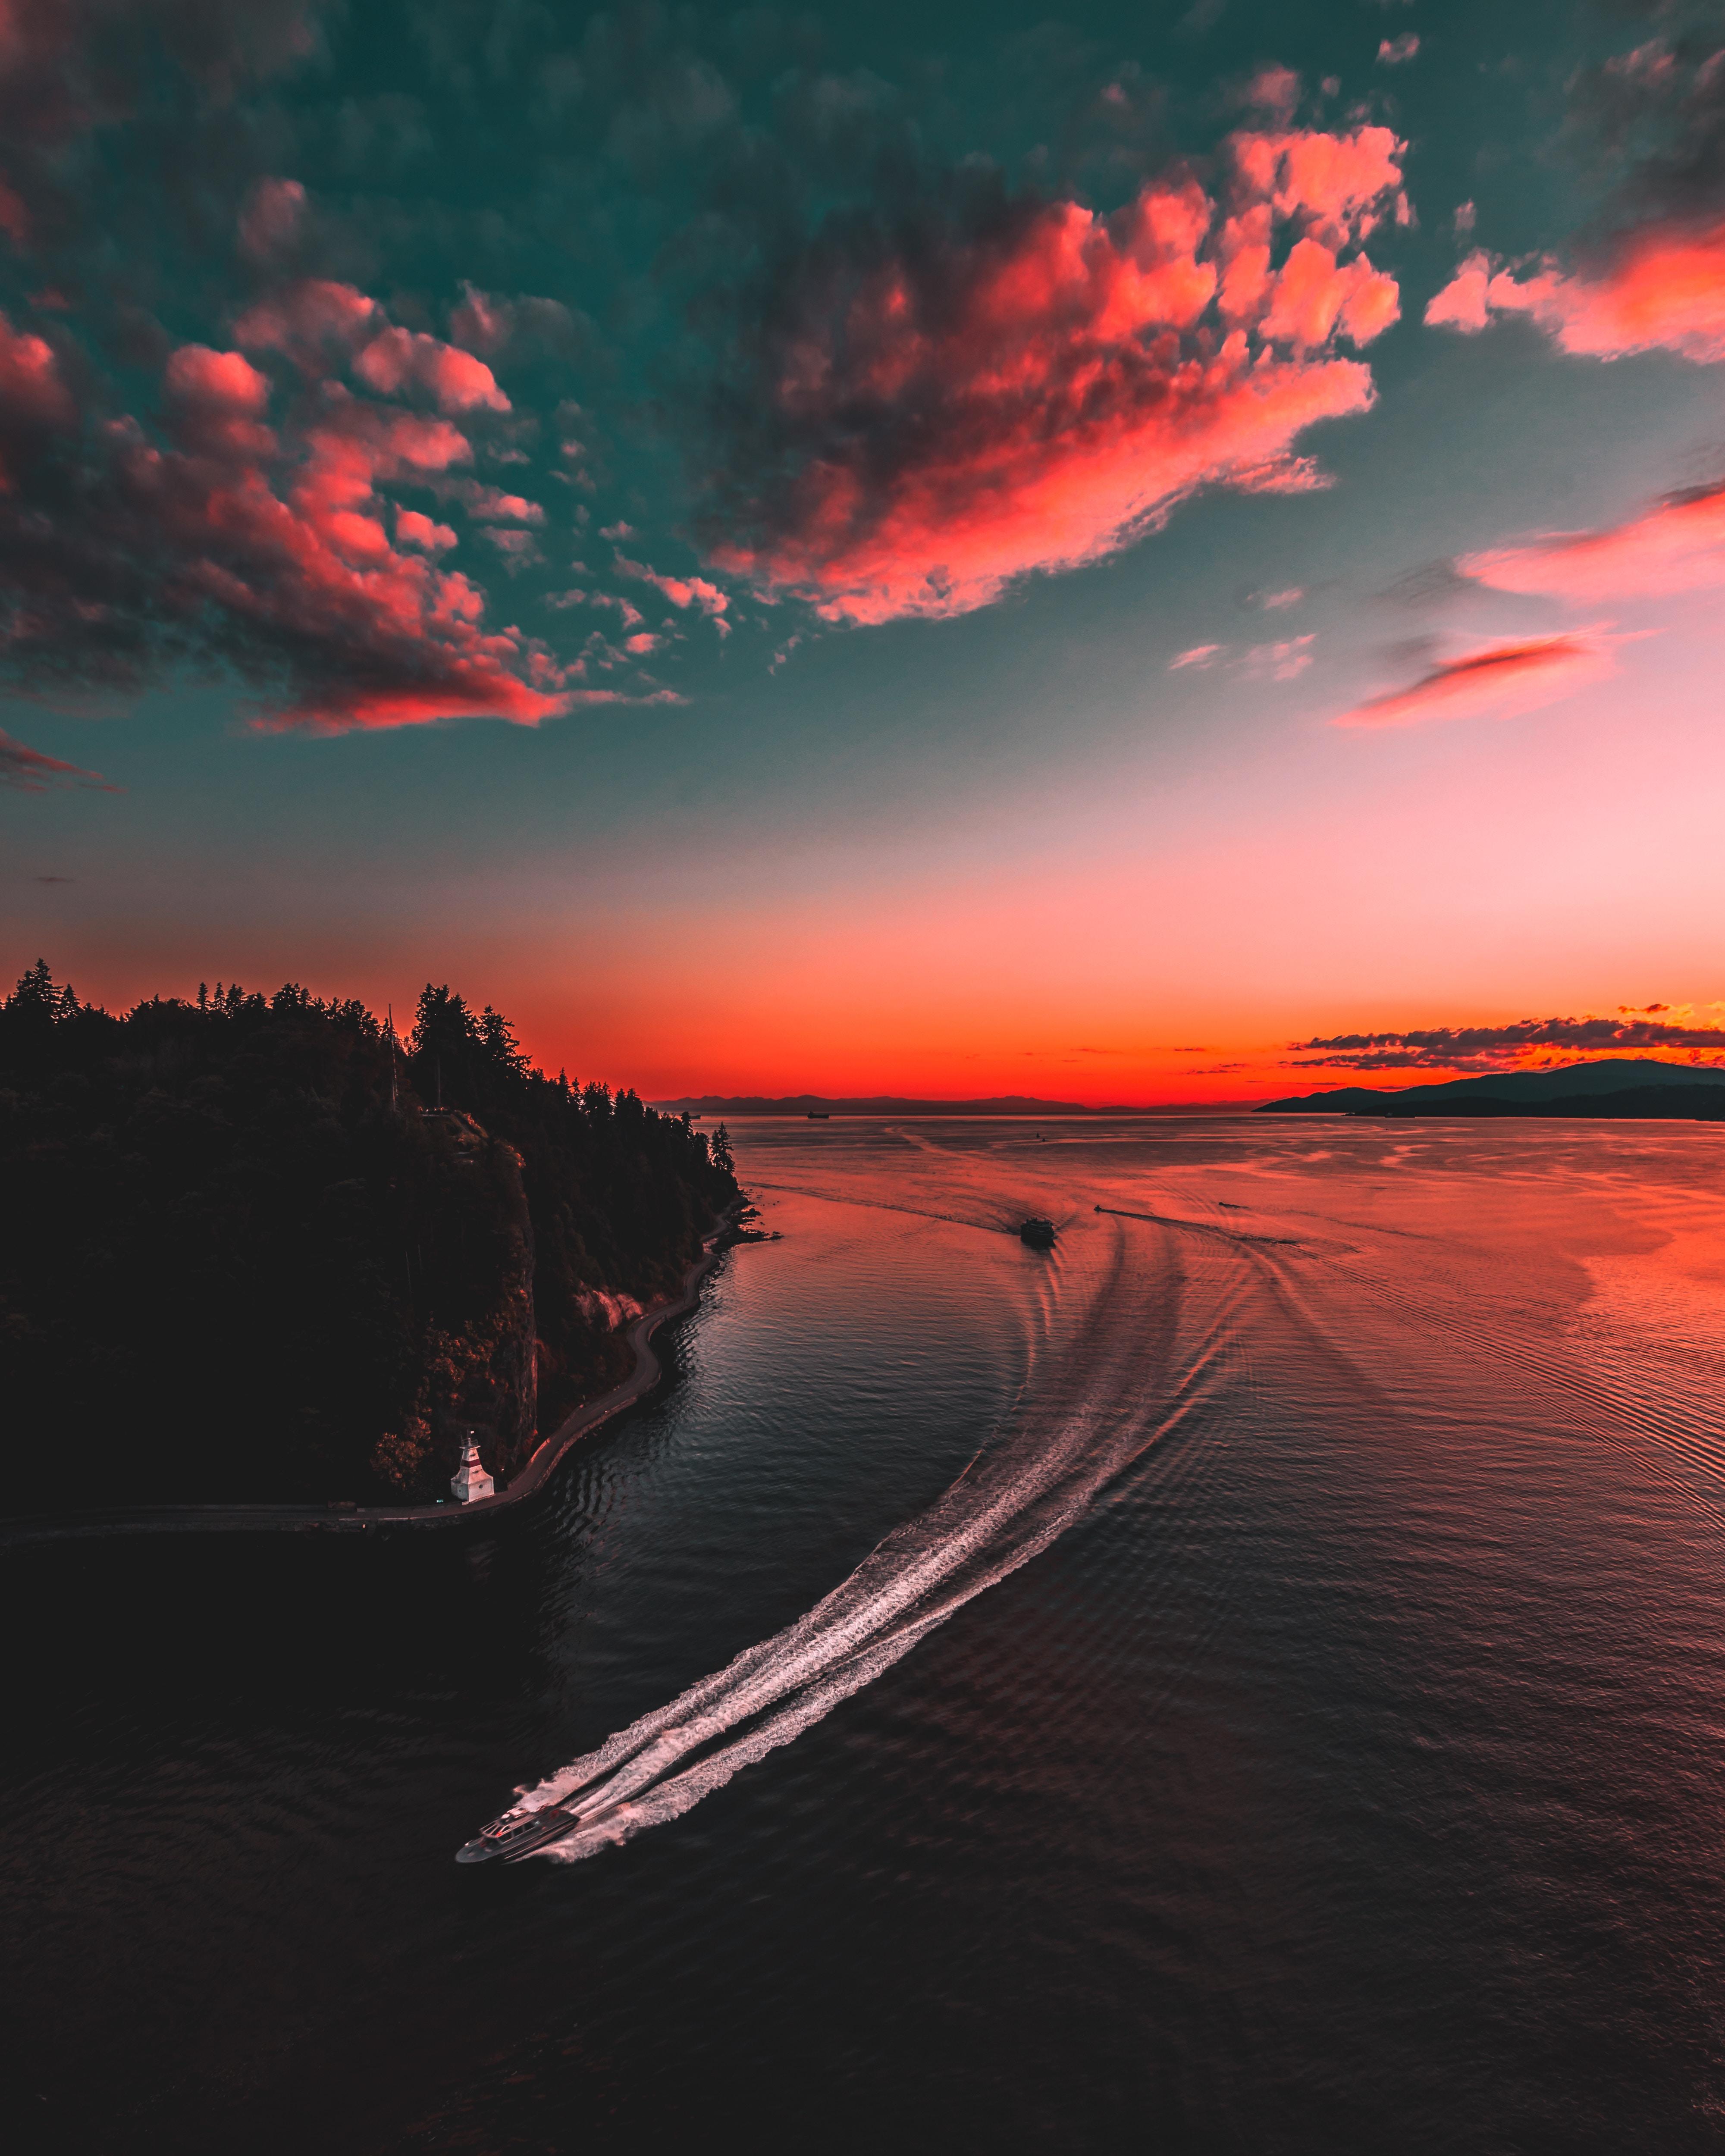 красивый закат фото хорошего качества благодарностью пришли, что